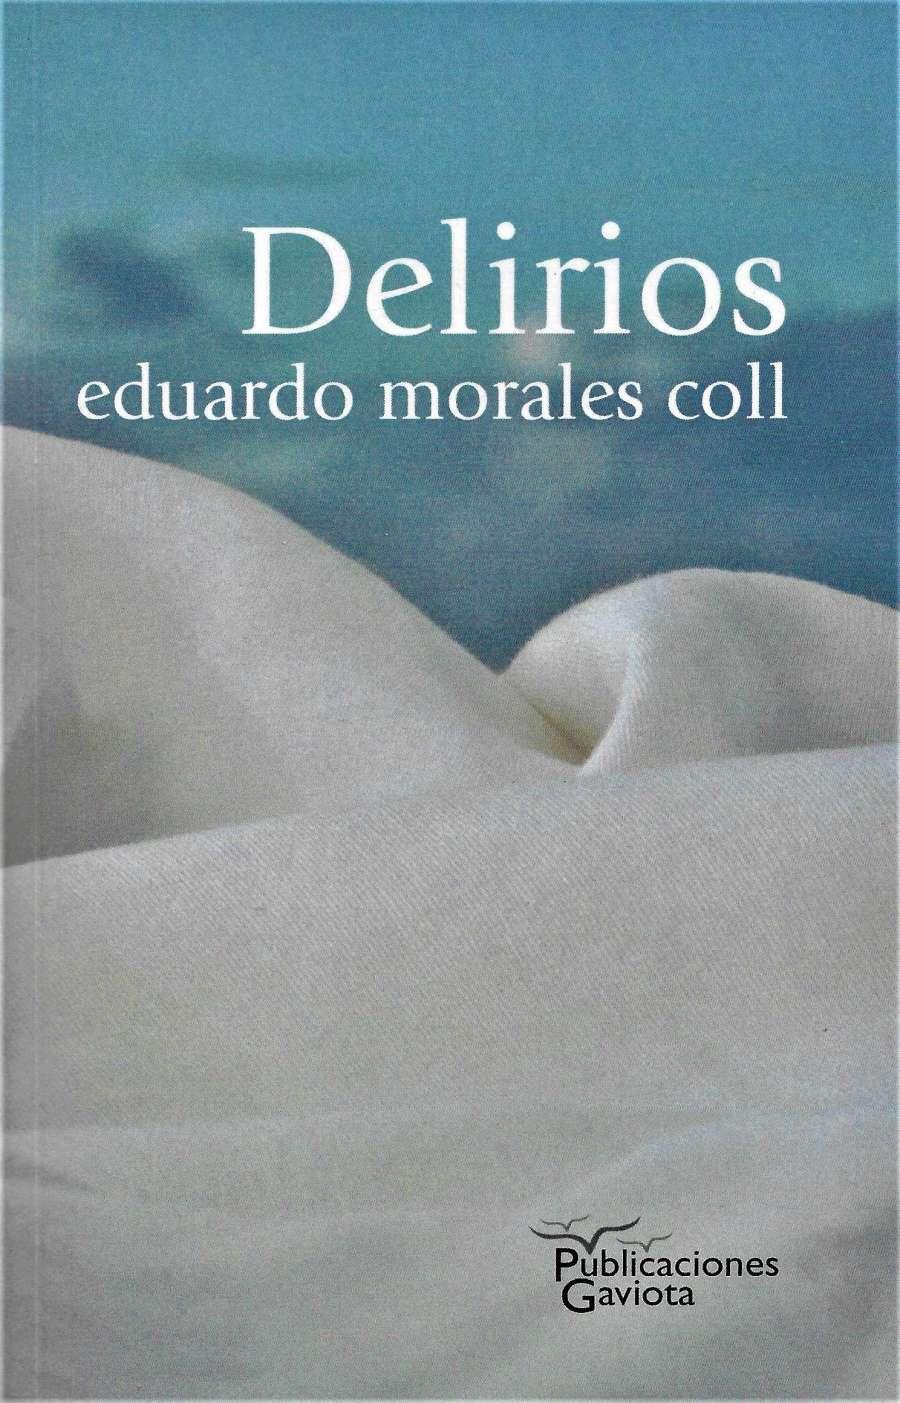 FEBRERO 2020 - MORALES COLL - DELIRIOS